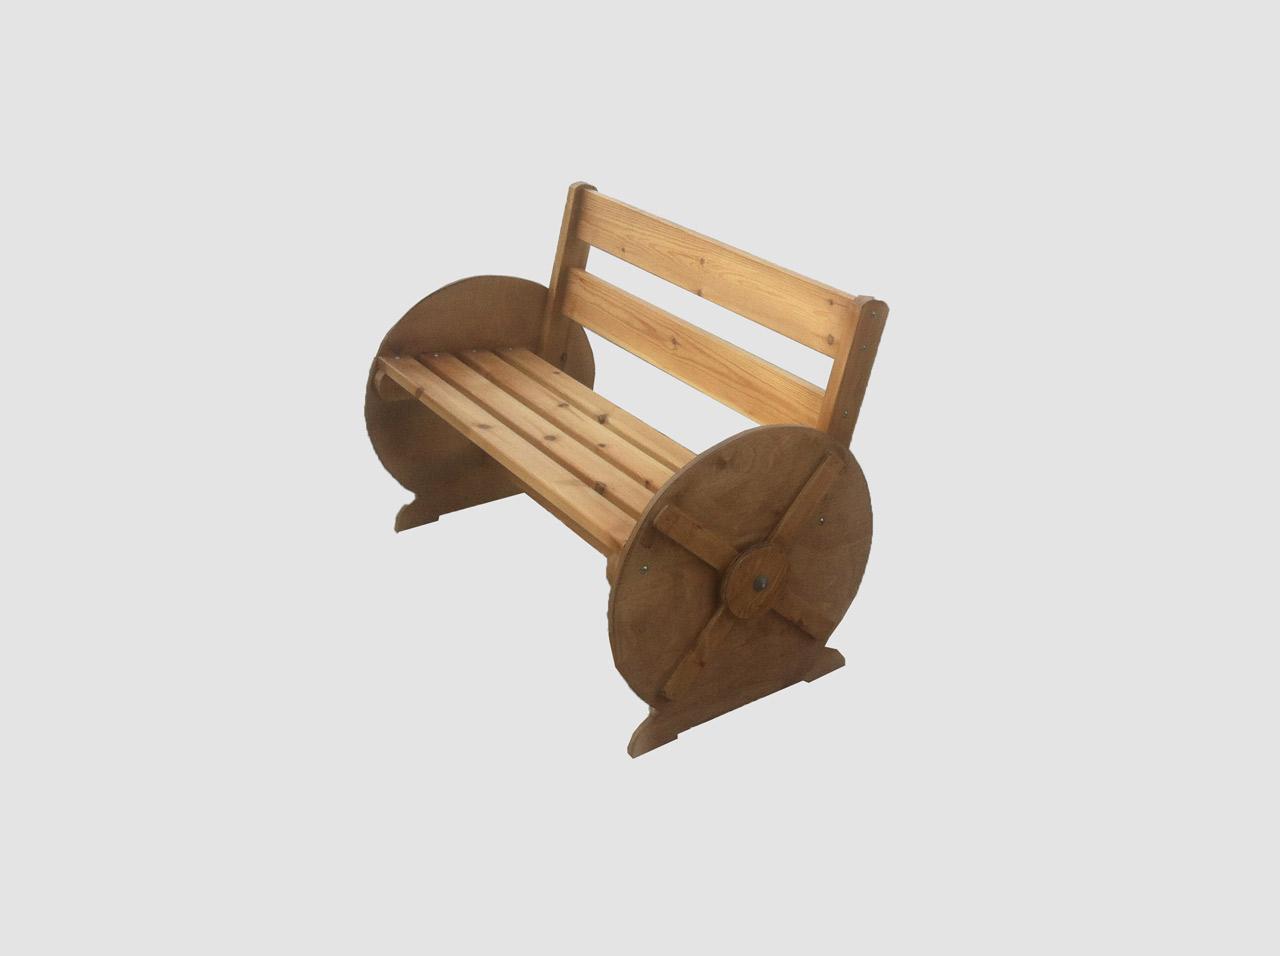 Παγκάκι με ρόδες – Κωδ. : 16-12